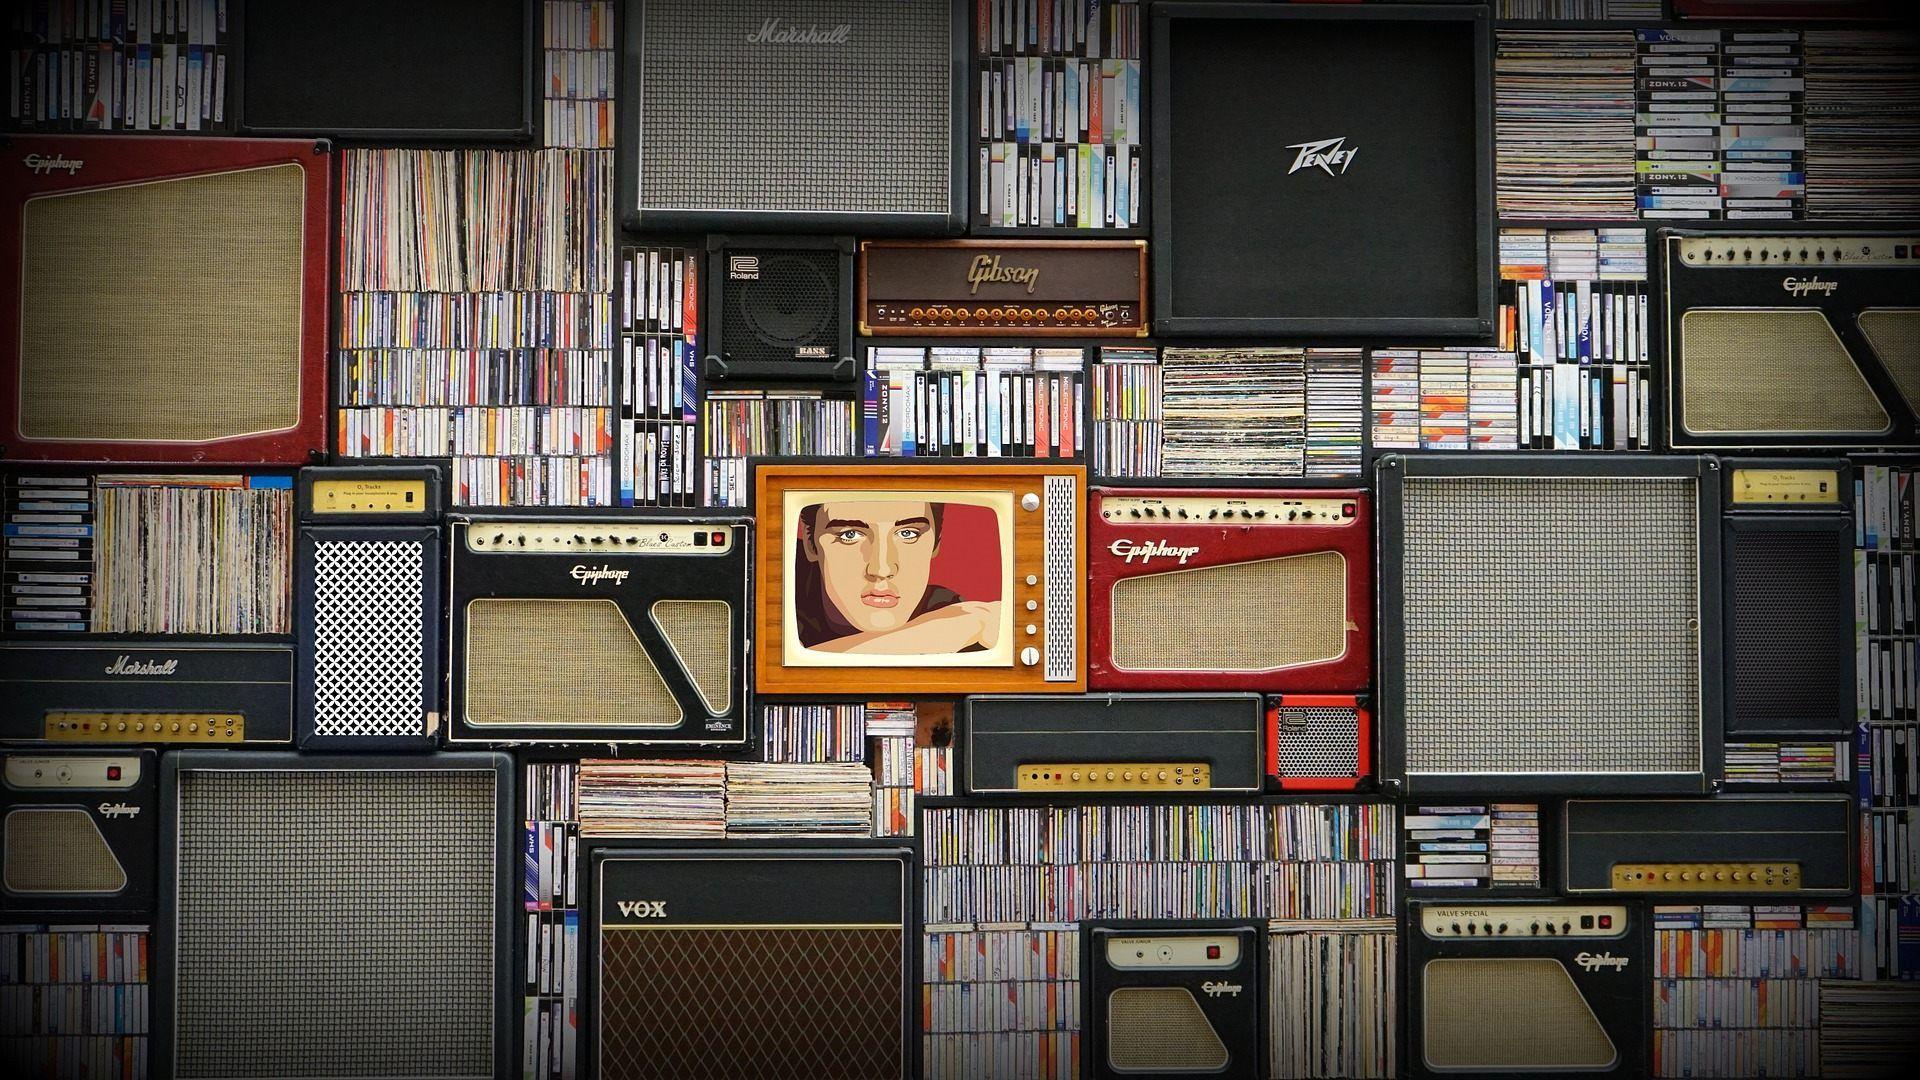 analog-zur-tvthek-orf-startet-2019-auch-radiothek